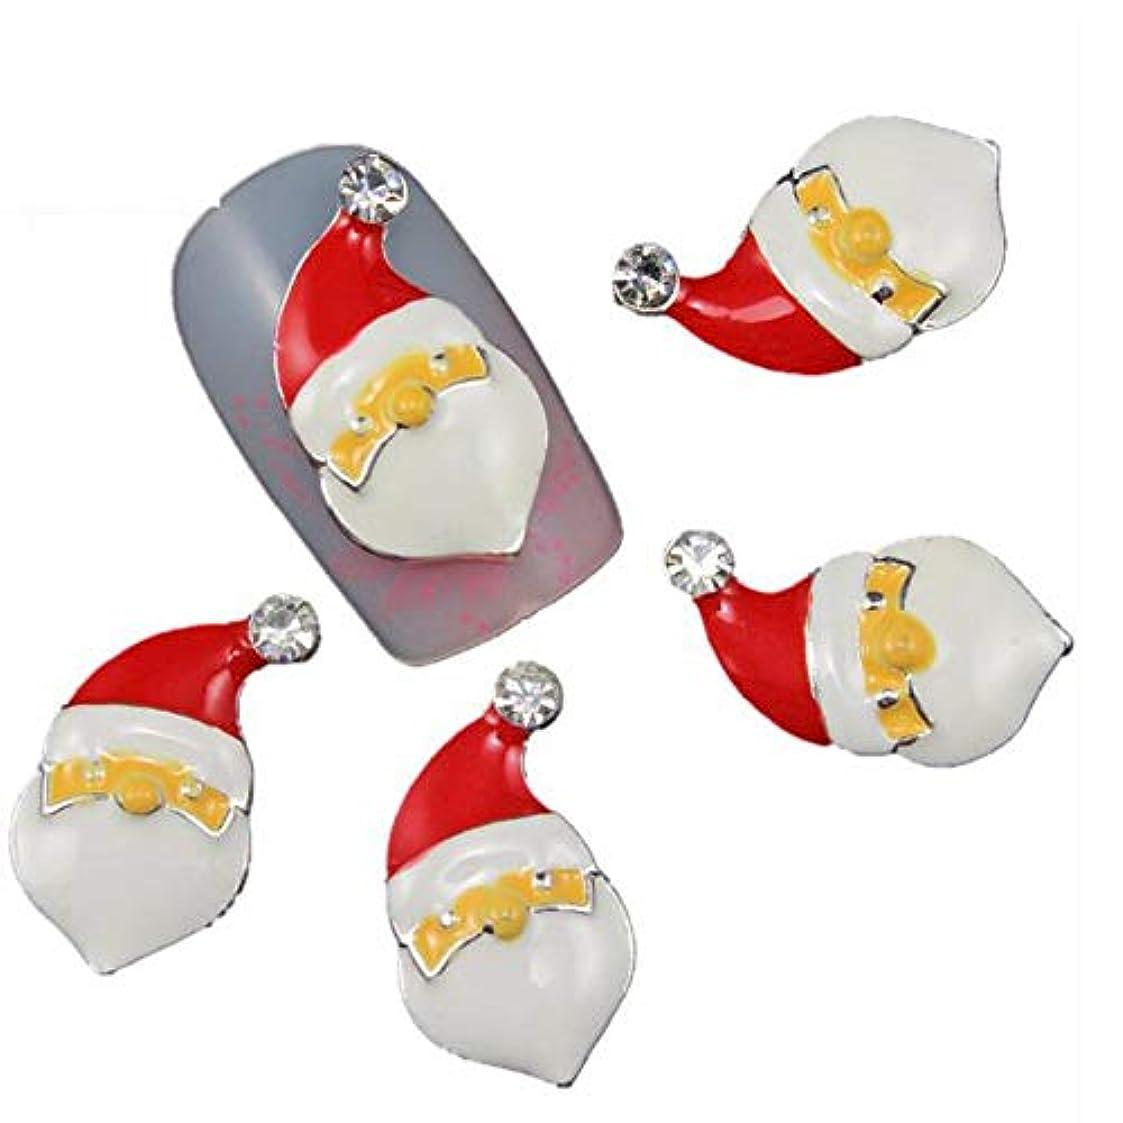 苦悩パーティー飛行場チャームの釘のために10個/ロット3Dクリスマスネイルアートクラシックサンタクロースデザインマニキュアの装飾のクリスタルラインストーン